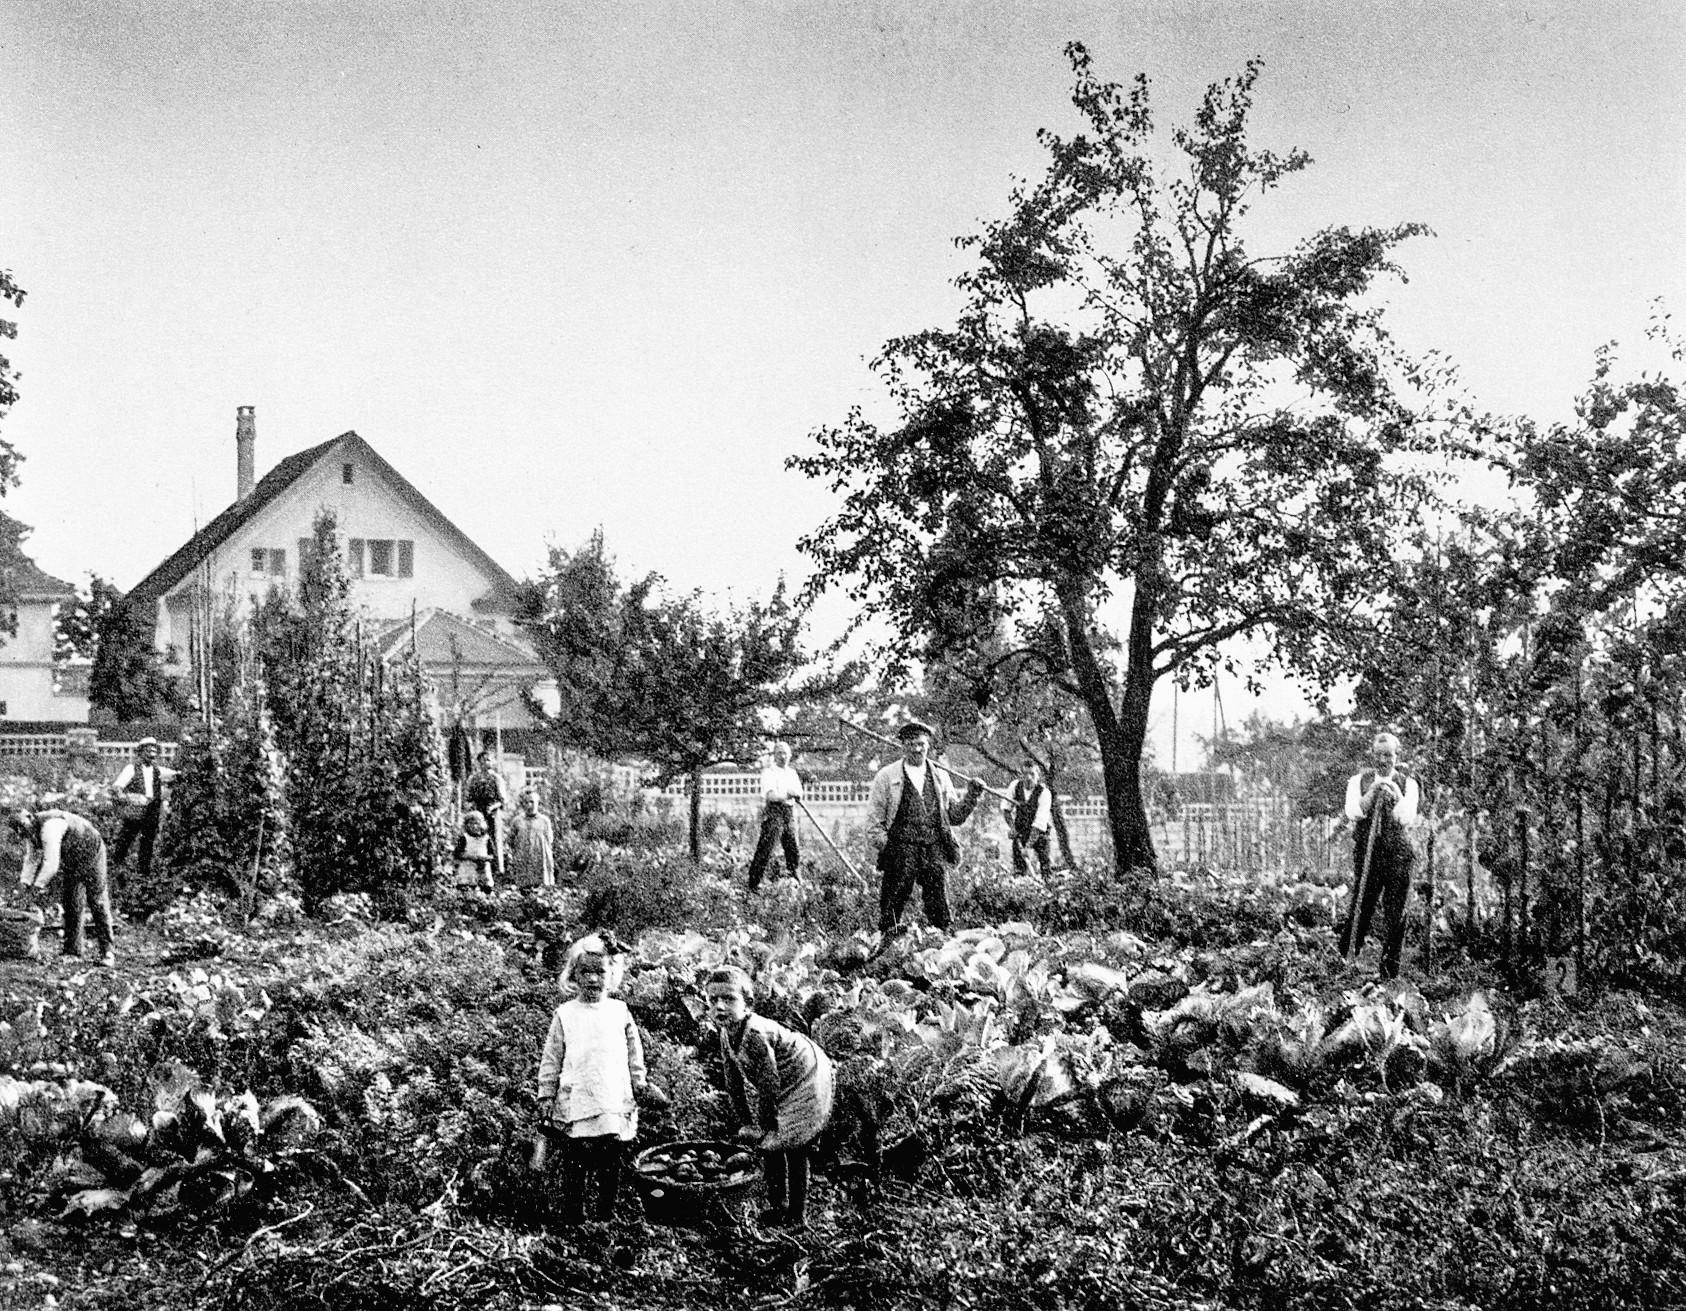 Pantlibewohnerinnen und -bewohner in ihren Gärten, 1926. Foto: 30 Jahre Aktiengesellschaft, 1926 / Stadtarchiv